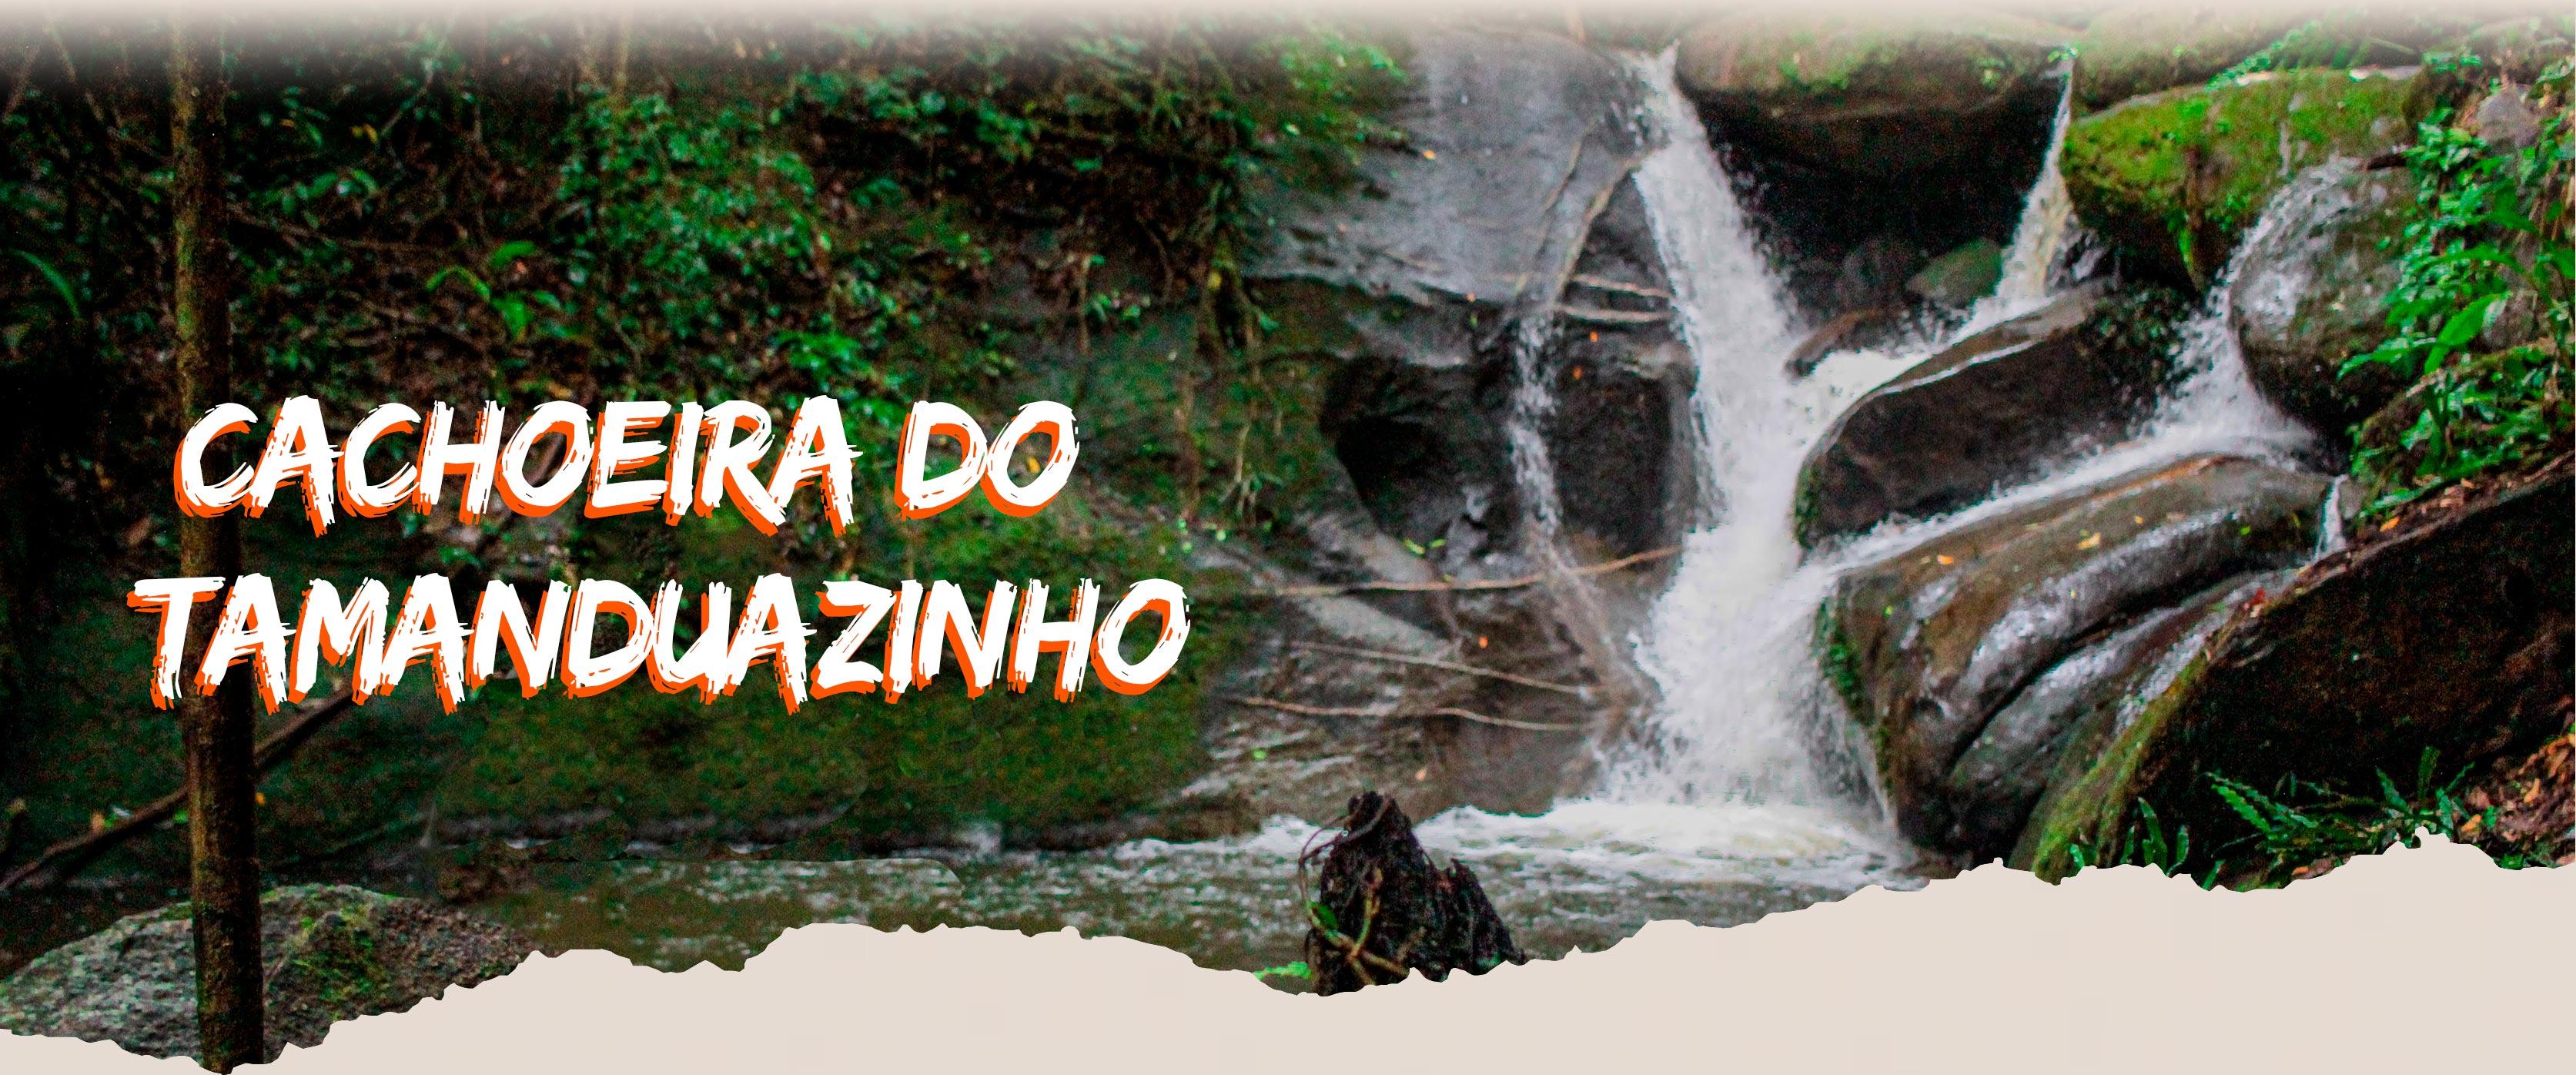 banner_cachoeira-tamanduazinho_legado